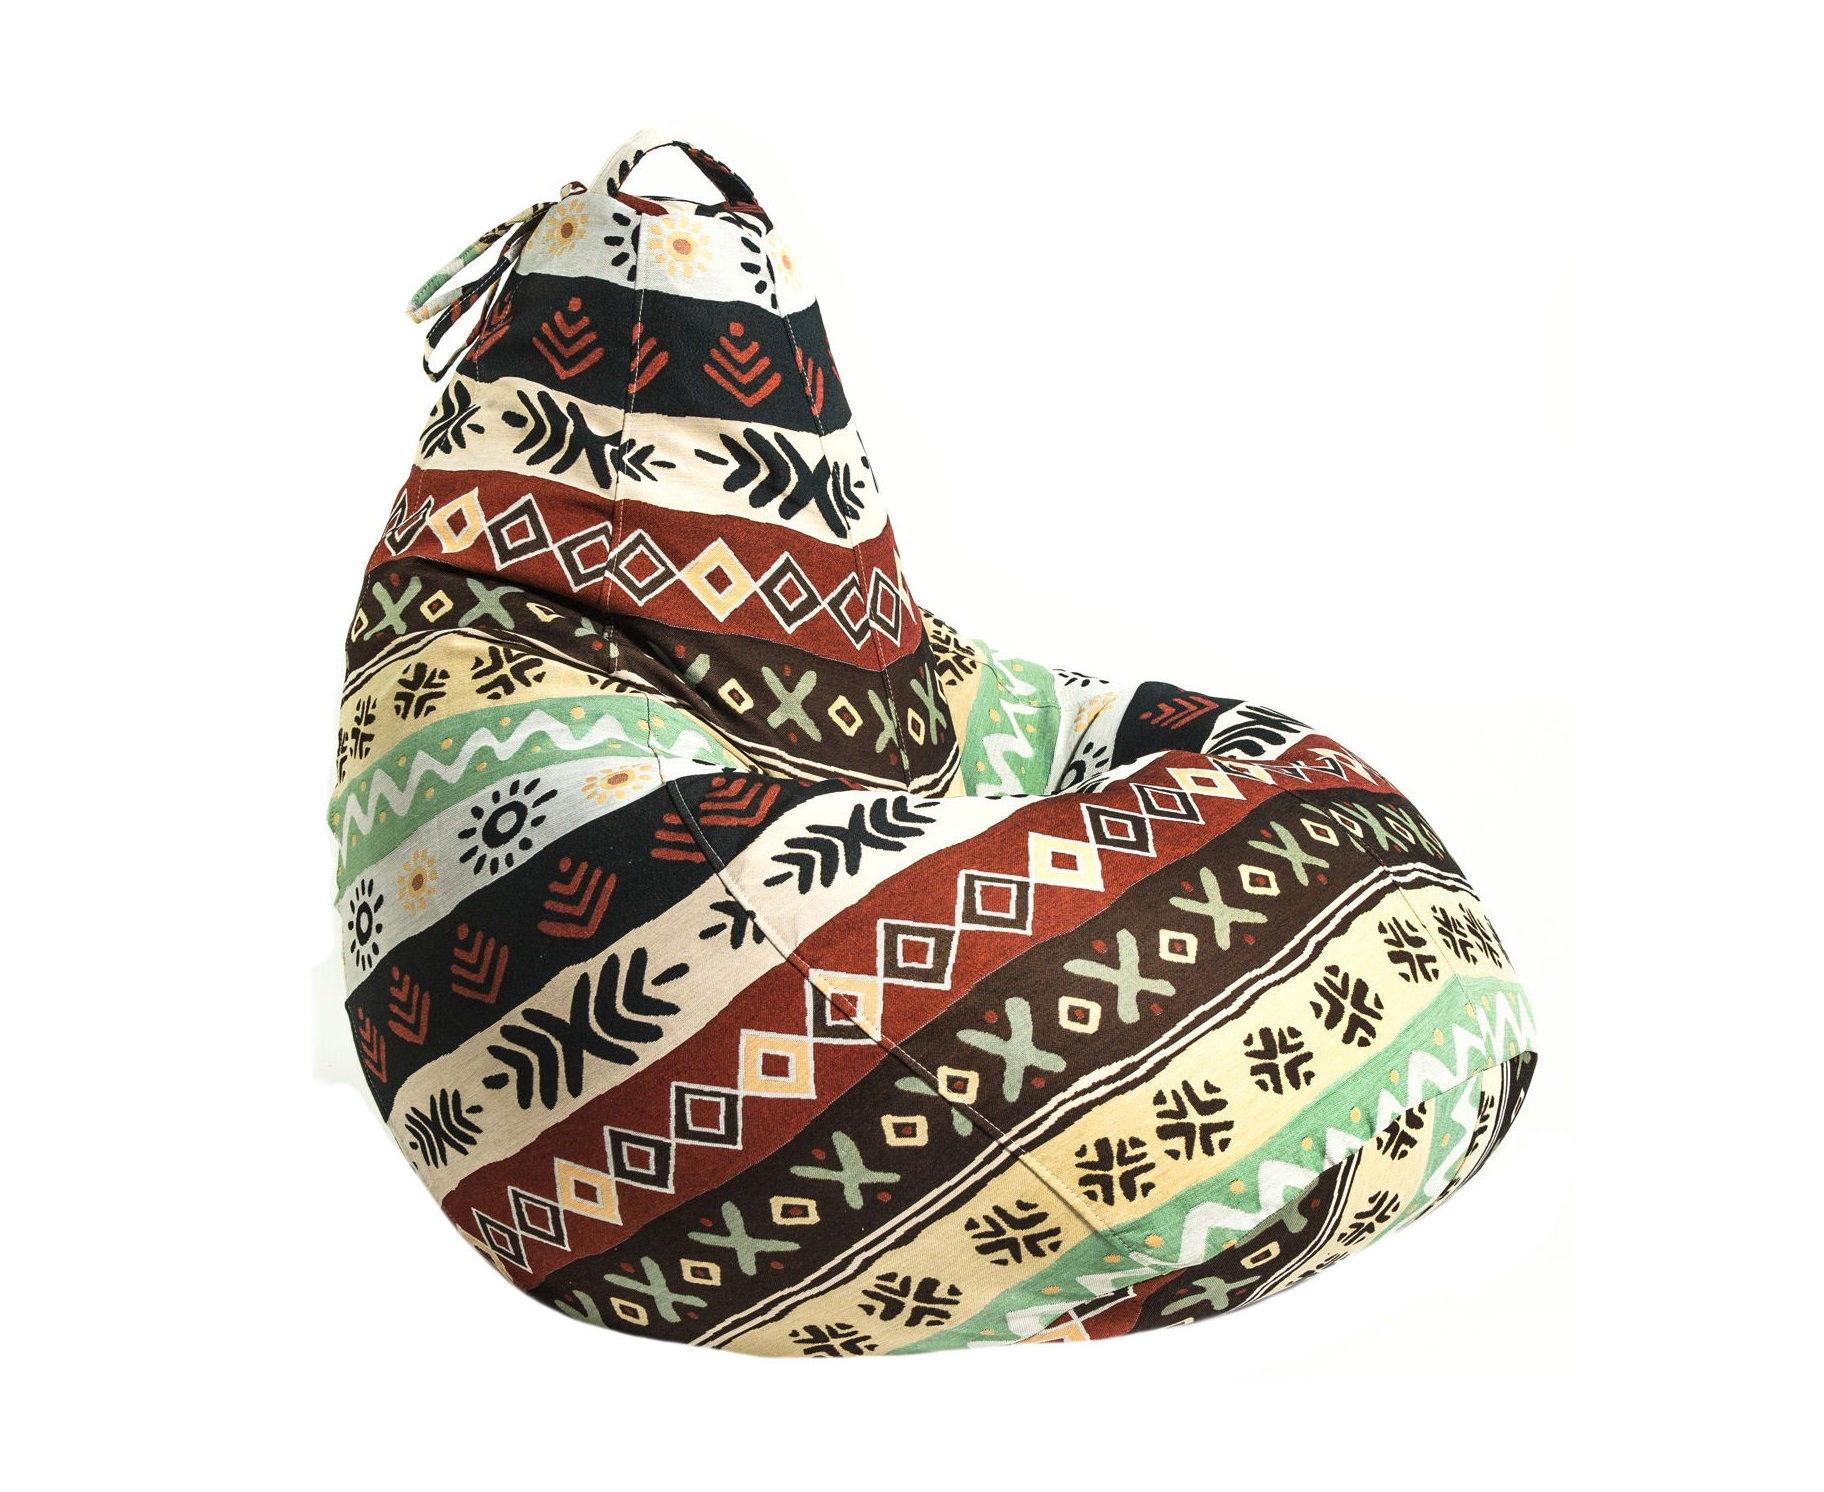 Бескаркасное креслоКресла-мешки<br>Бескаркасное кресло-мешок Boss - это кресло большого размера, которое хорошо поддерживает спину и плечи. Это делает кресло удобным для отдыха. Ткань - гобелен с самобытным этническим рисунком.&amp;amp;nbsp;<br><br>Material: Текстиль<br>Height см: 150<br>Diameter см: 95